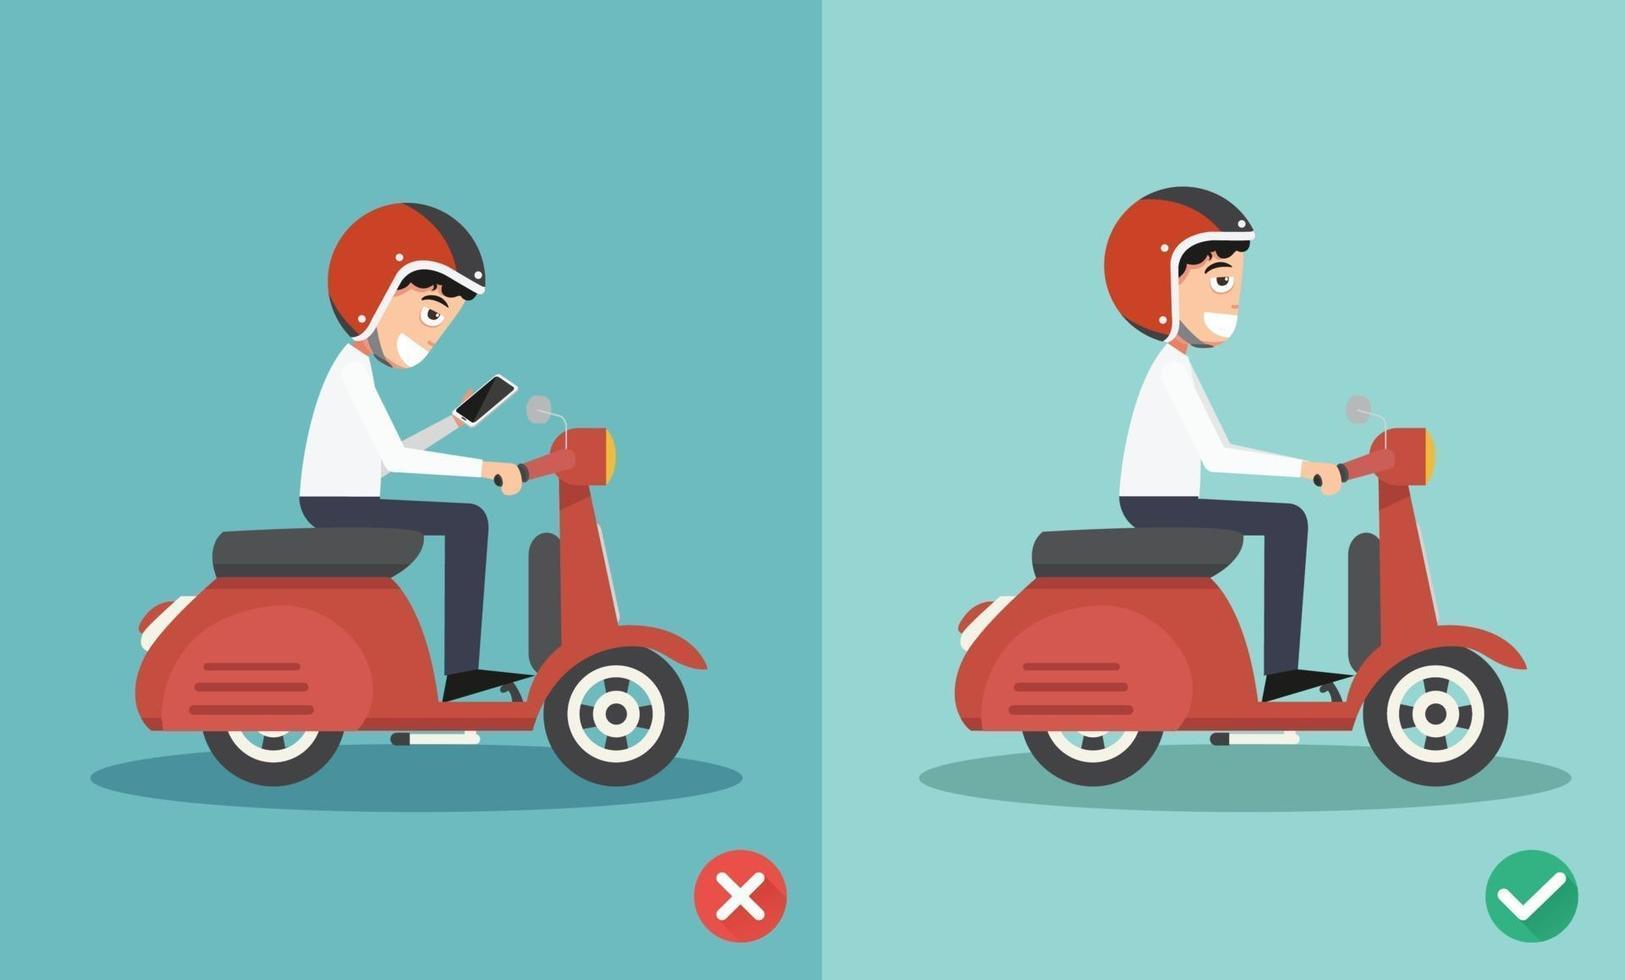 sem mensagens de texto, sem falar, caminhos certos e errados vetor